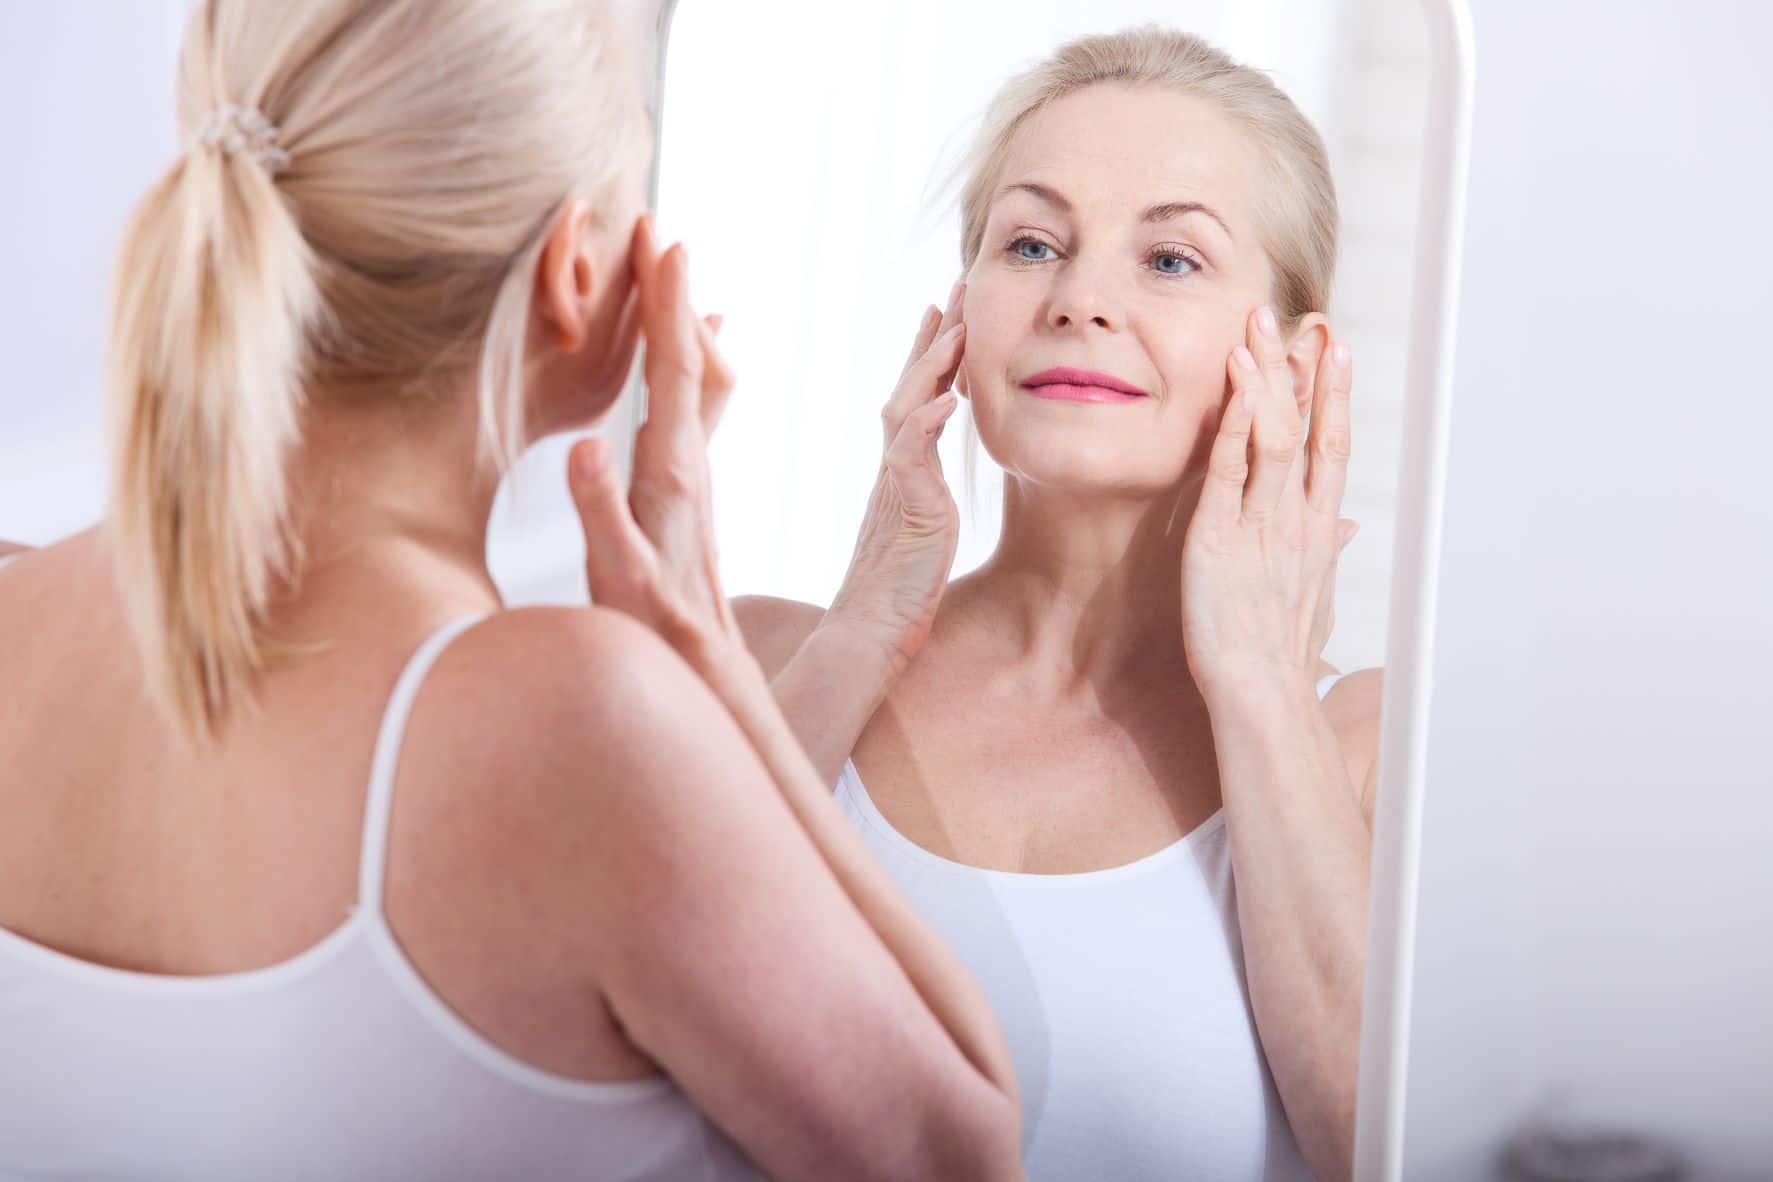 reflet d'une femme dans mirroir qui regarde les signes de l'age